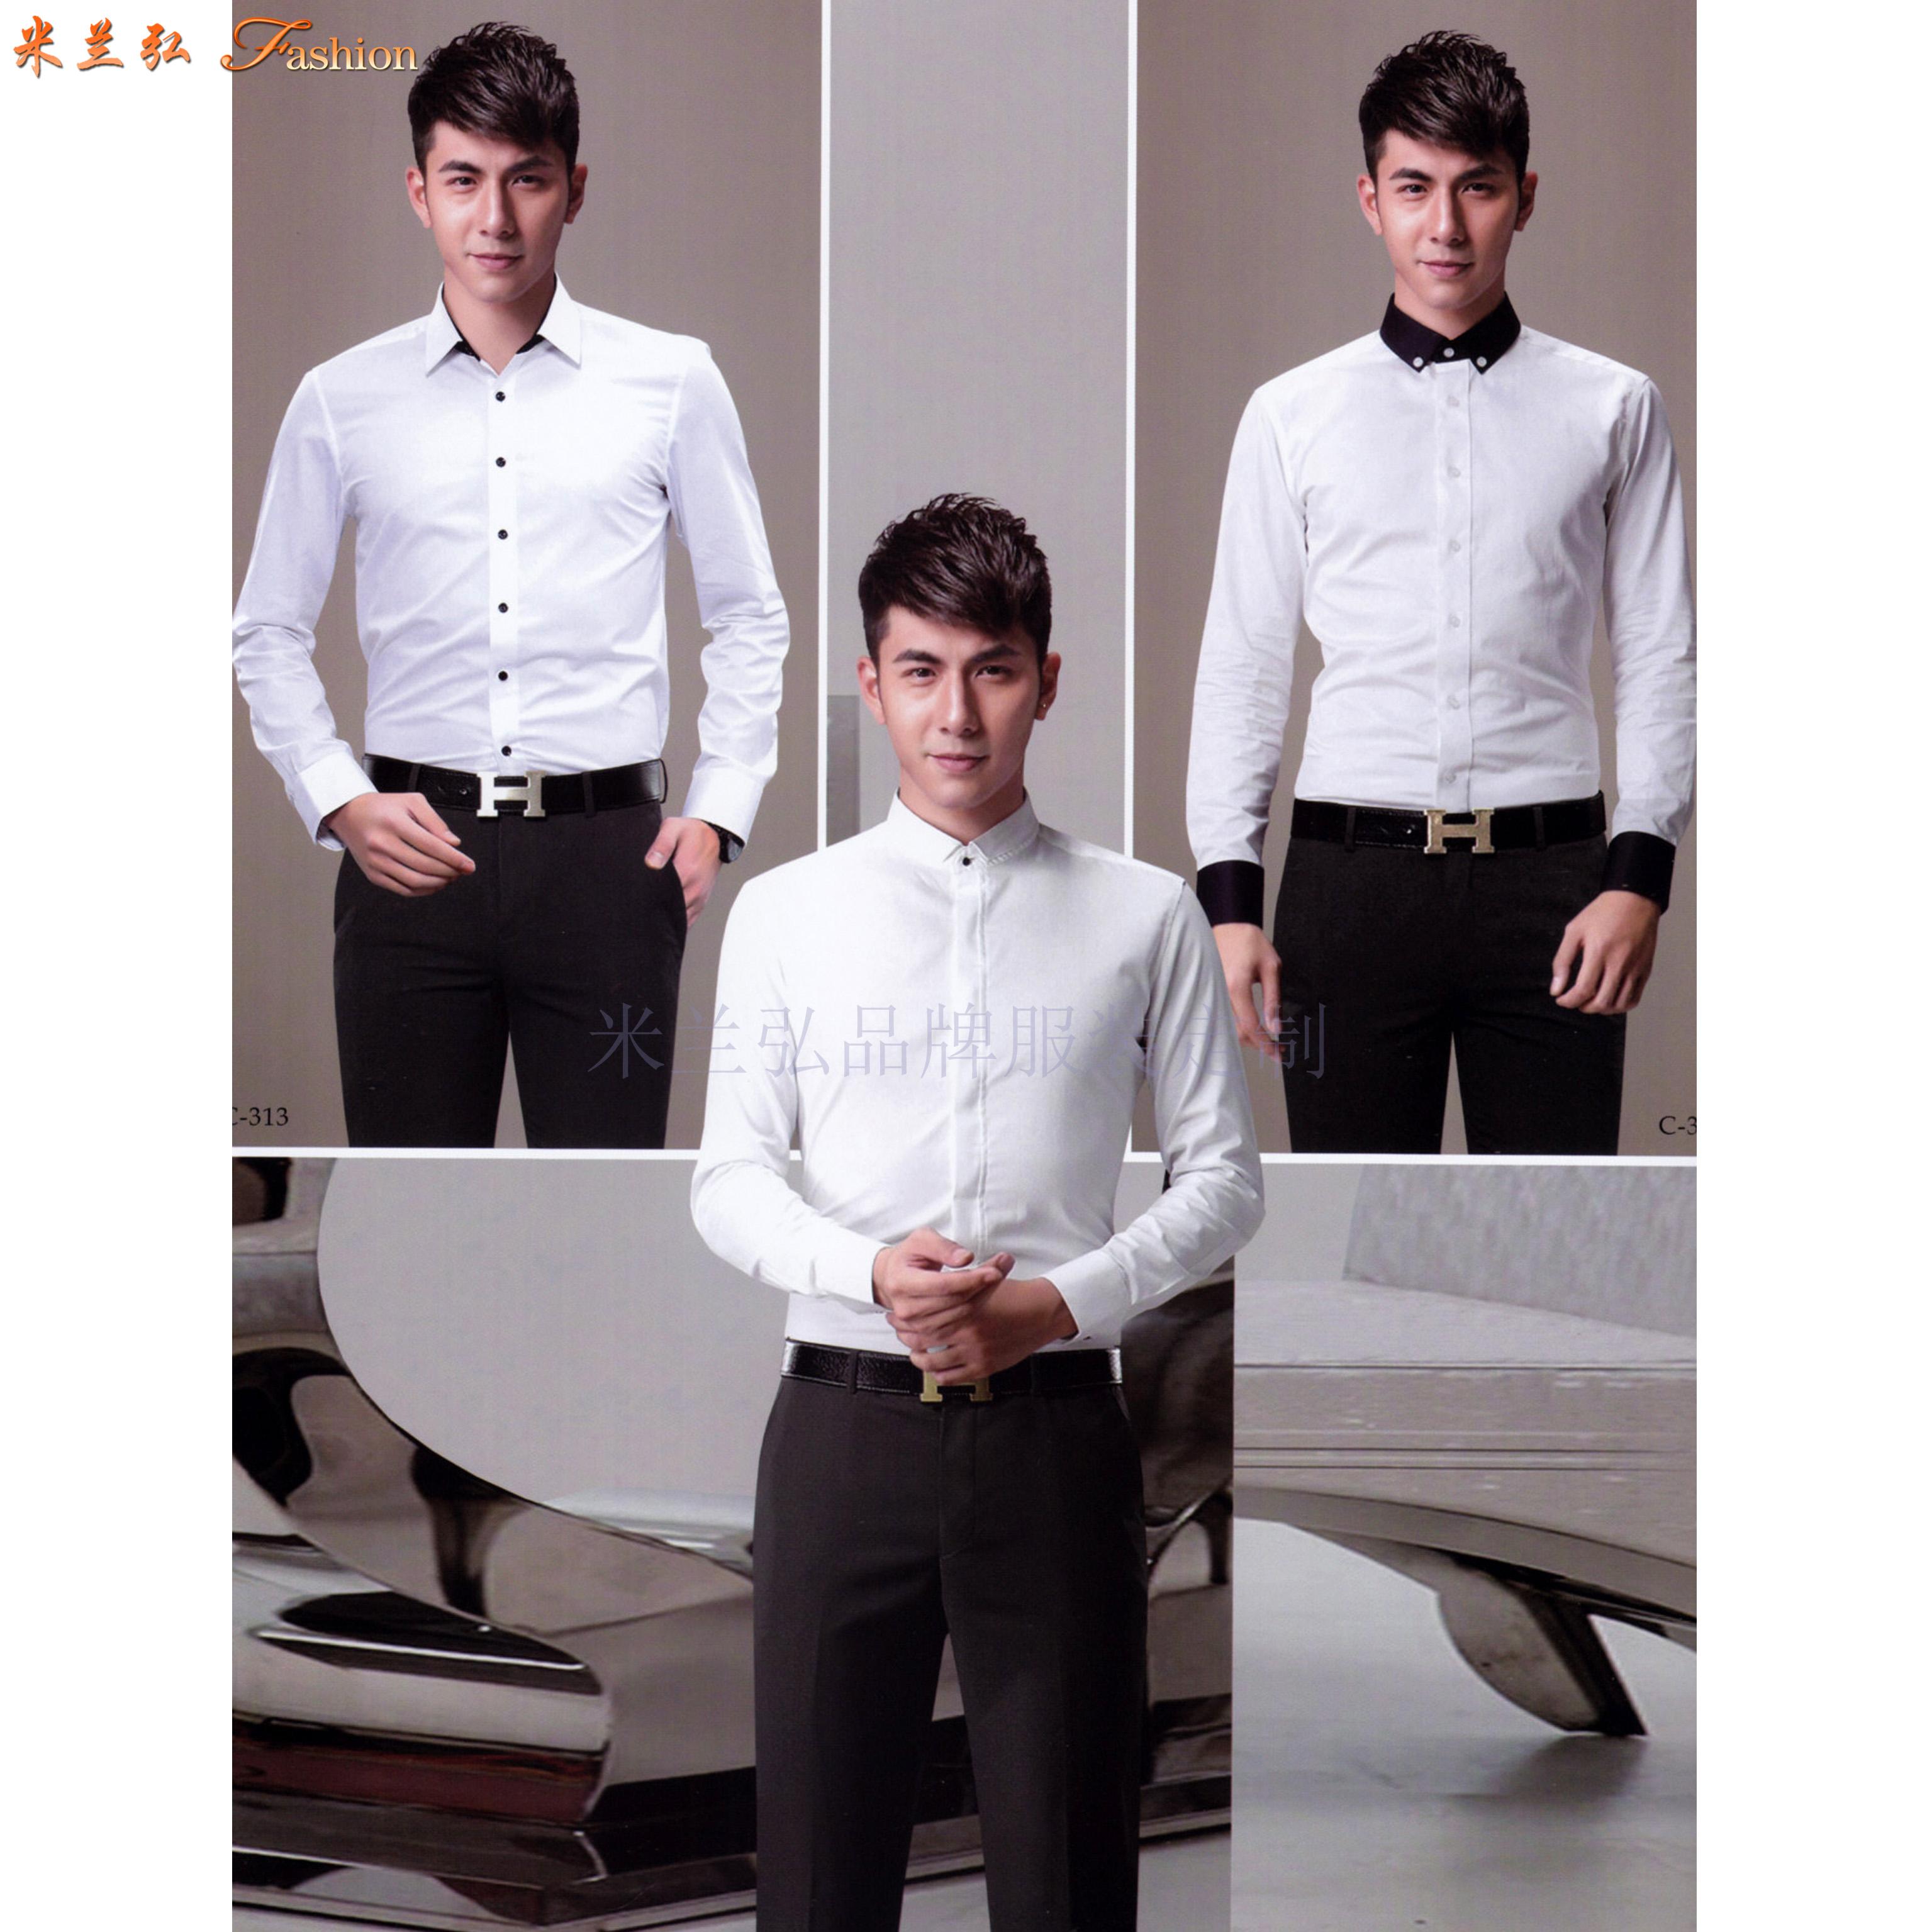 「法式襯衫」定制企業高管純棉免燙法式襯衫、白色防靜電襯衫-2